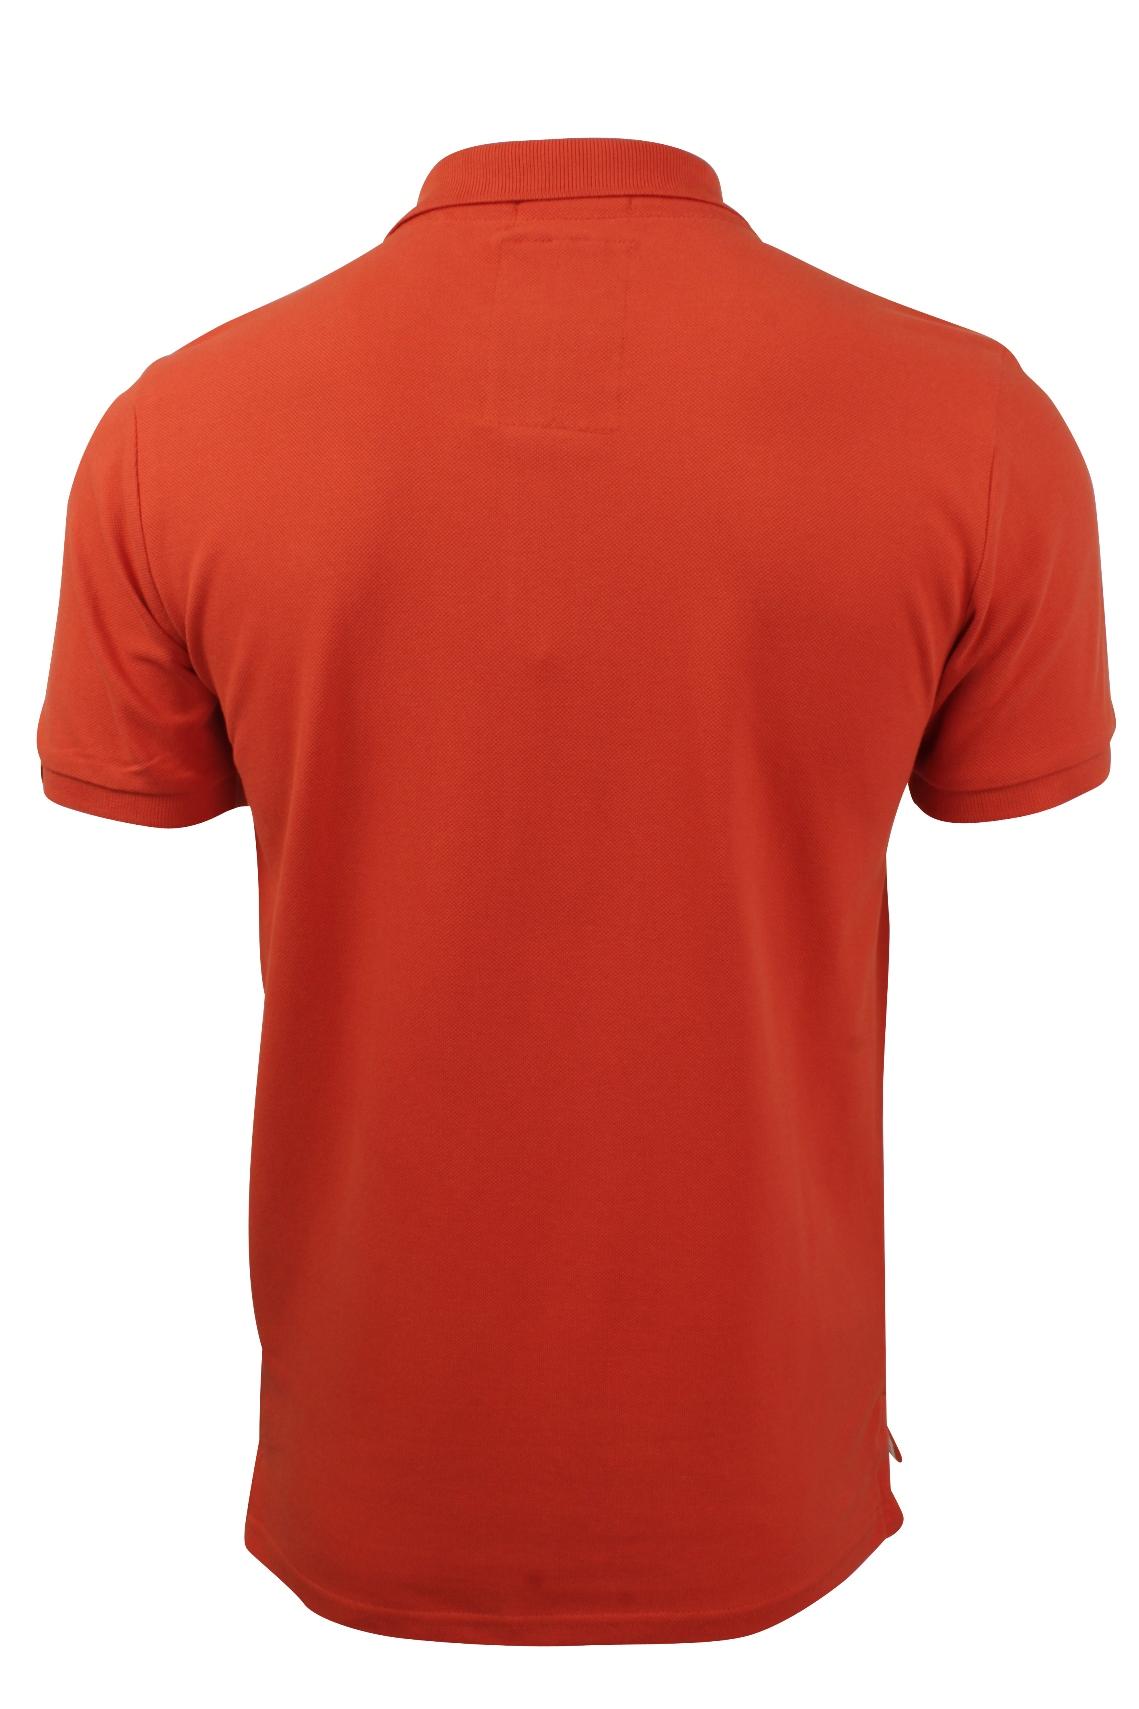 Camiseta-para-hombre-Polo-Pique-por-Tokyo-Laundry-Manga-Corta